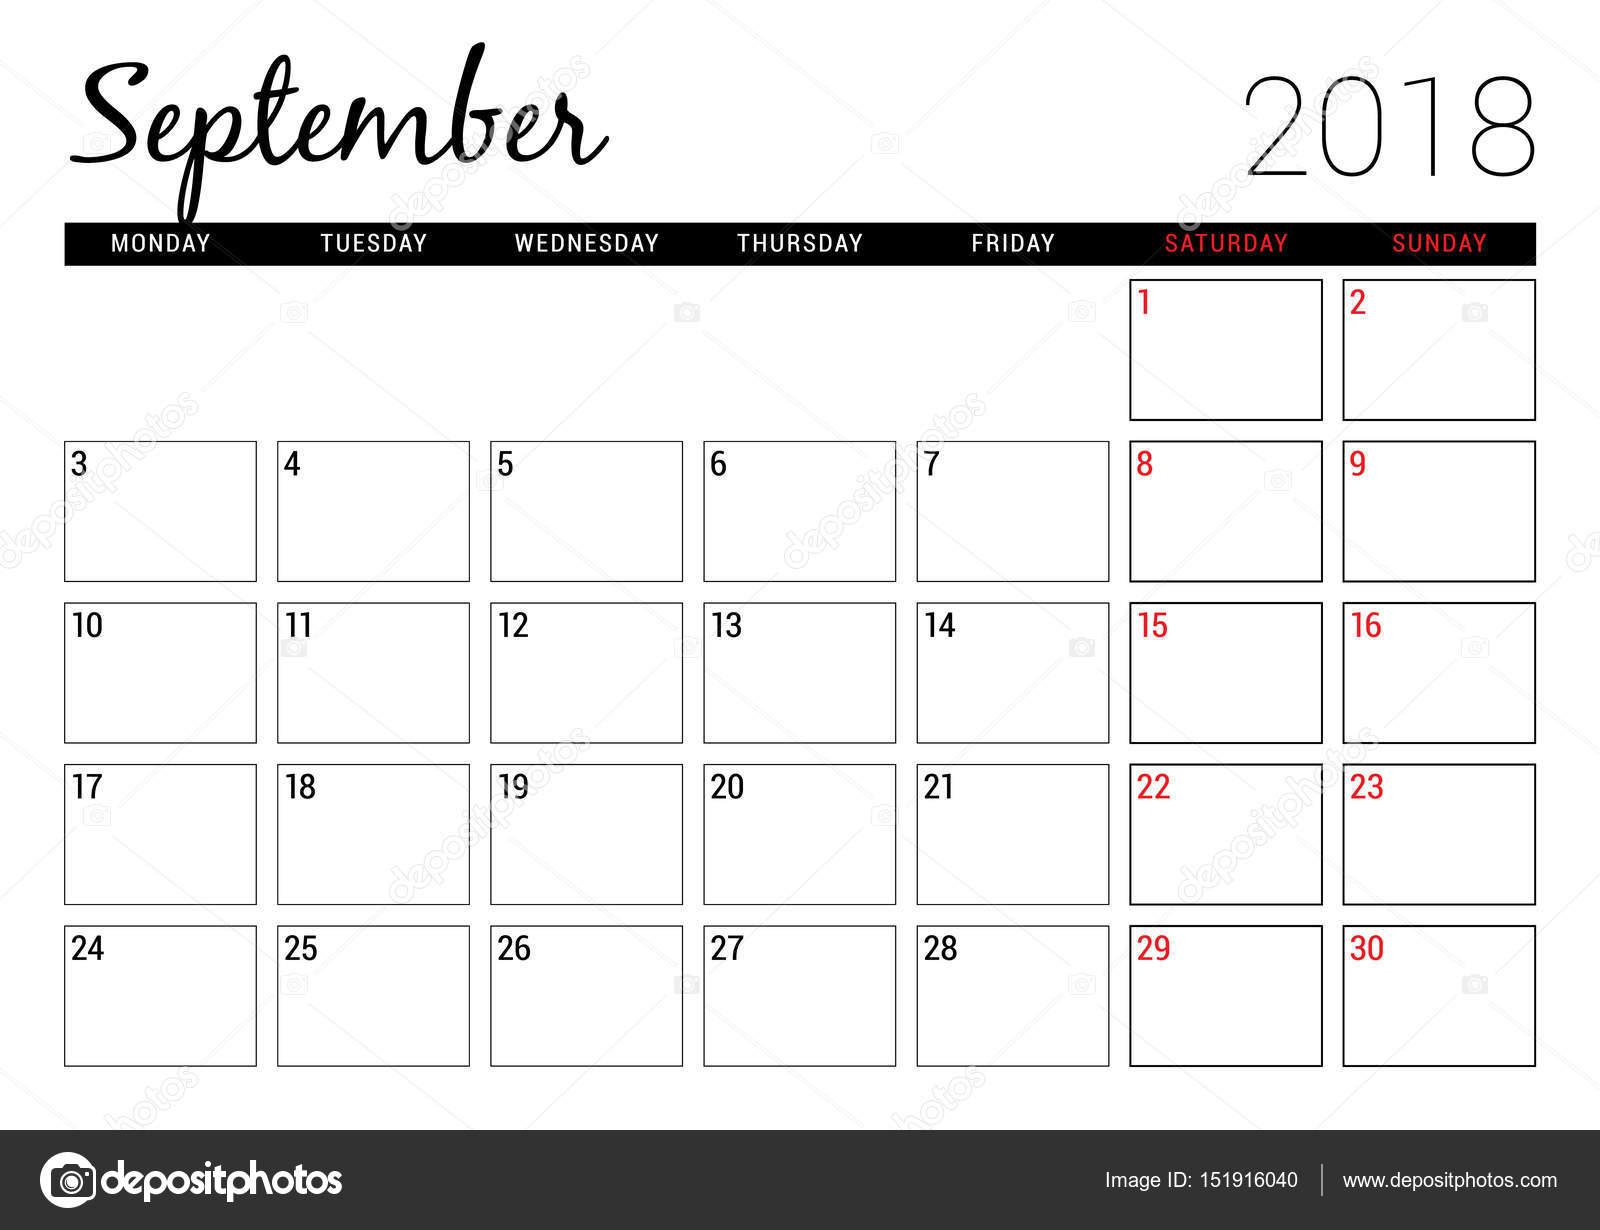 Calendar Planner September : September printable calendar planner design template